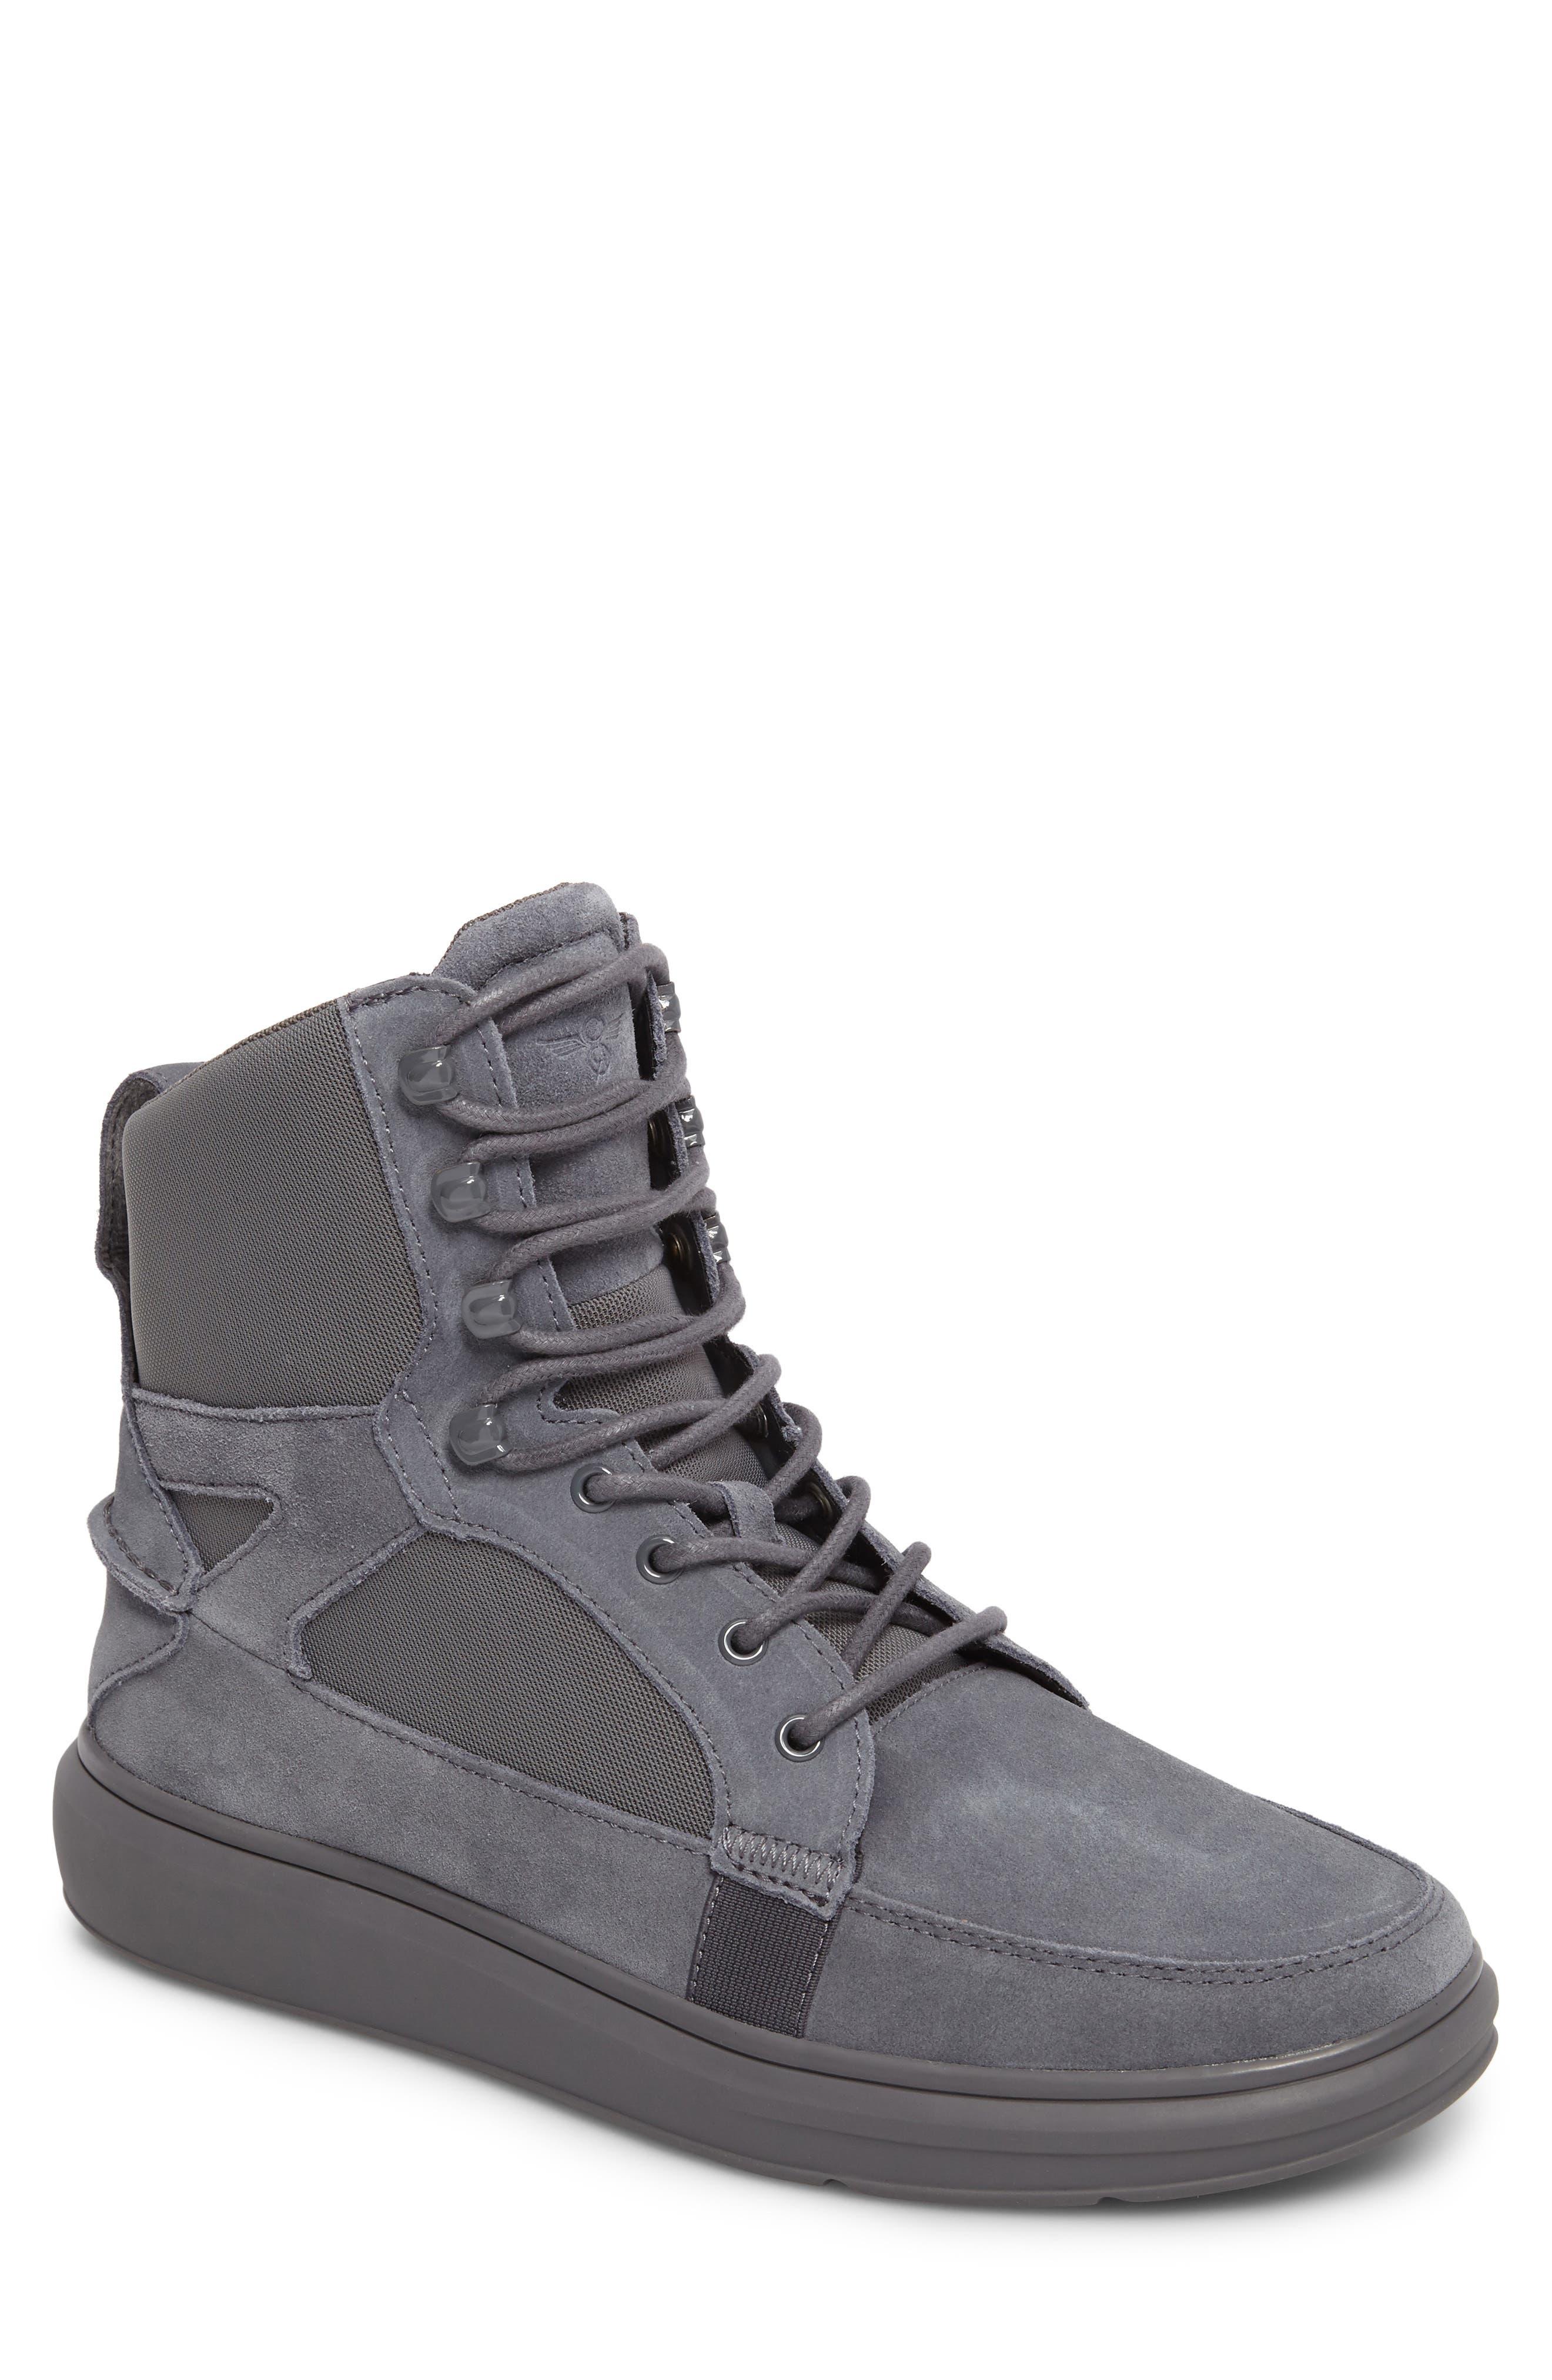 Desimo Sneaker,                             Main thumbnail 1, color,                             032